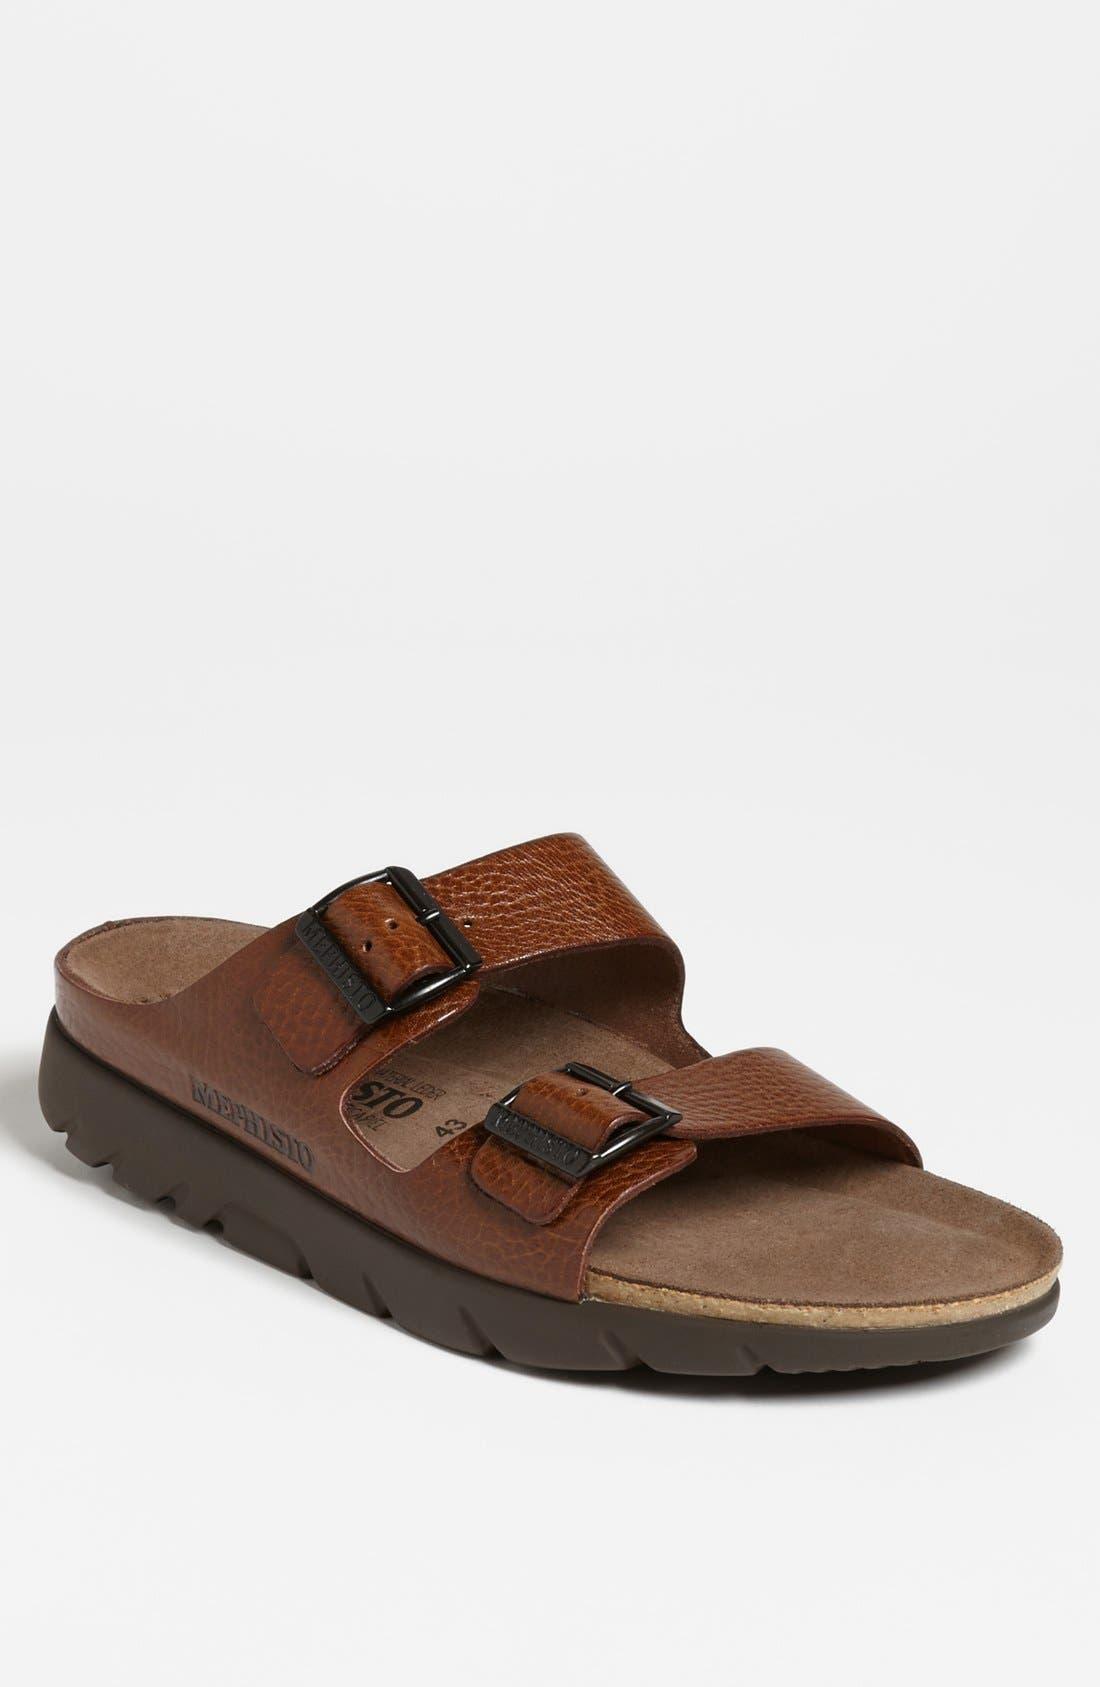 MEPHISTO Zonder 2 Sandal